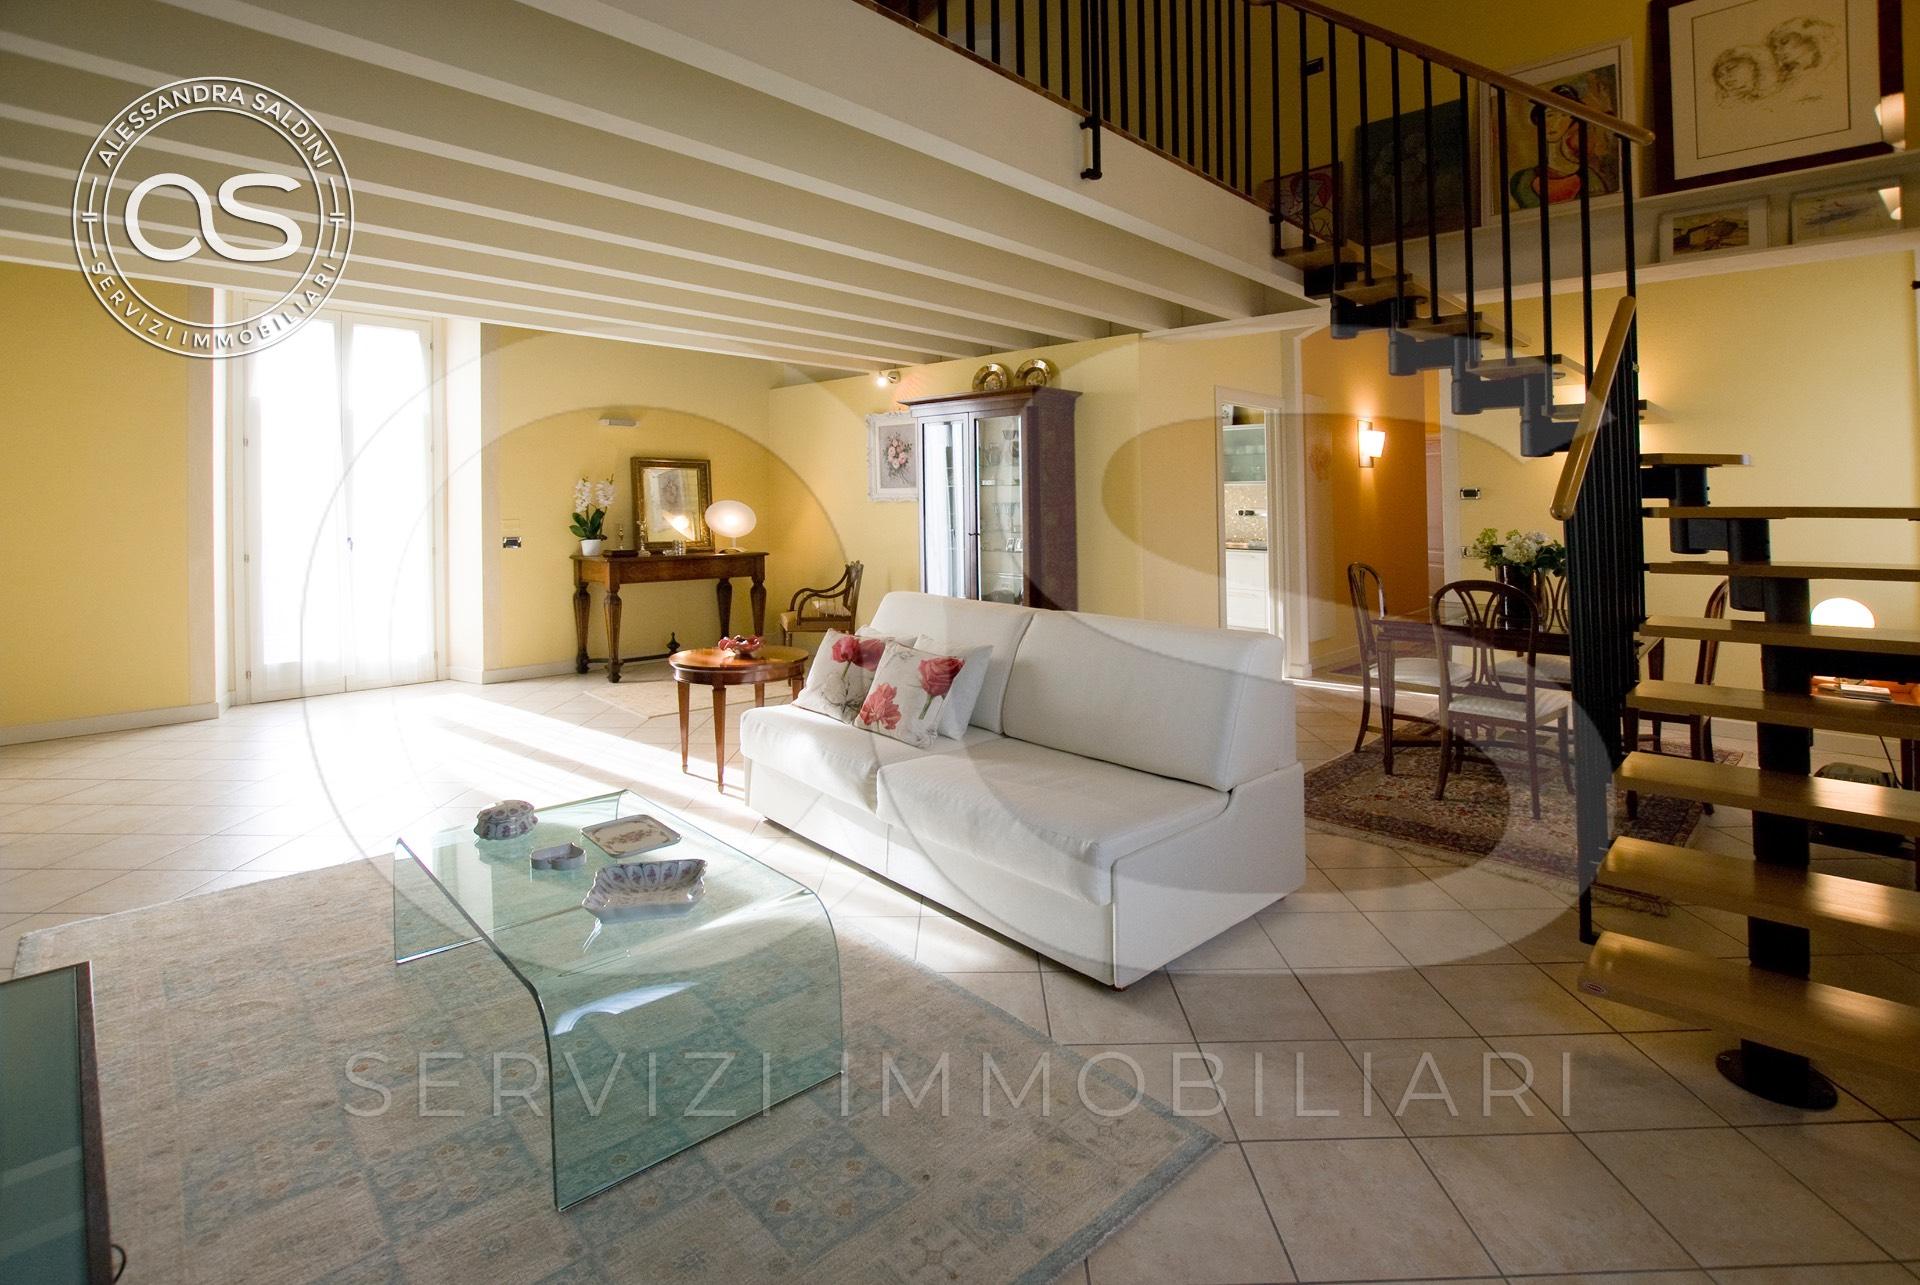 Appartamento in vendita a Manerbio, 4 locali, prezzo € 290.000 | CambioCasa.it